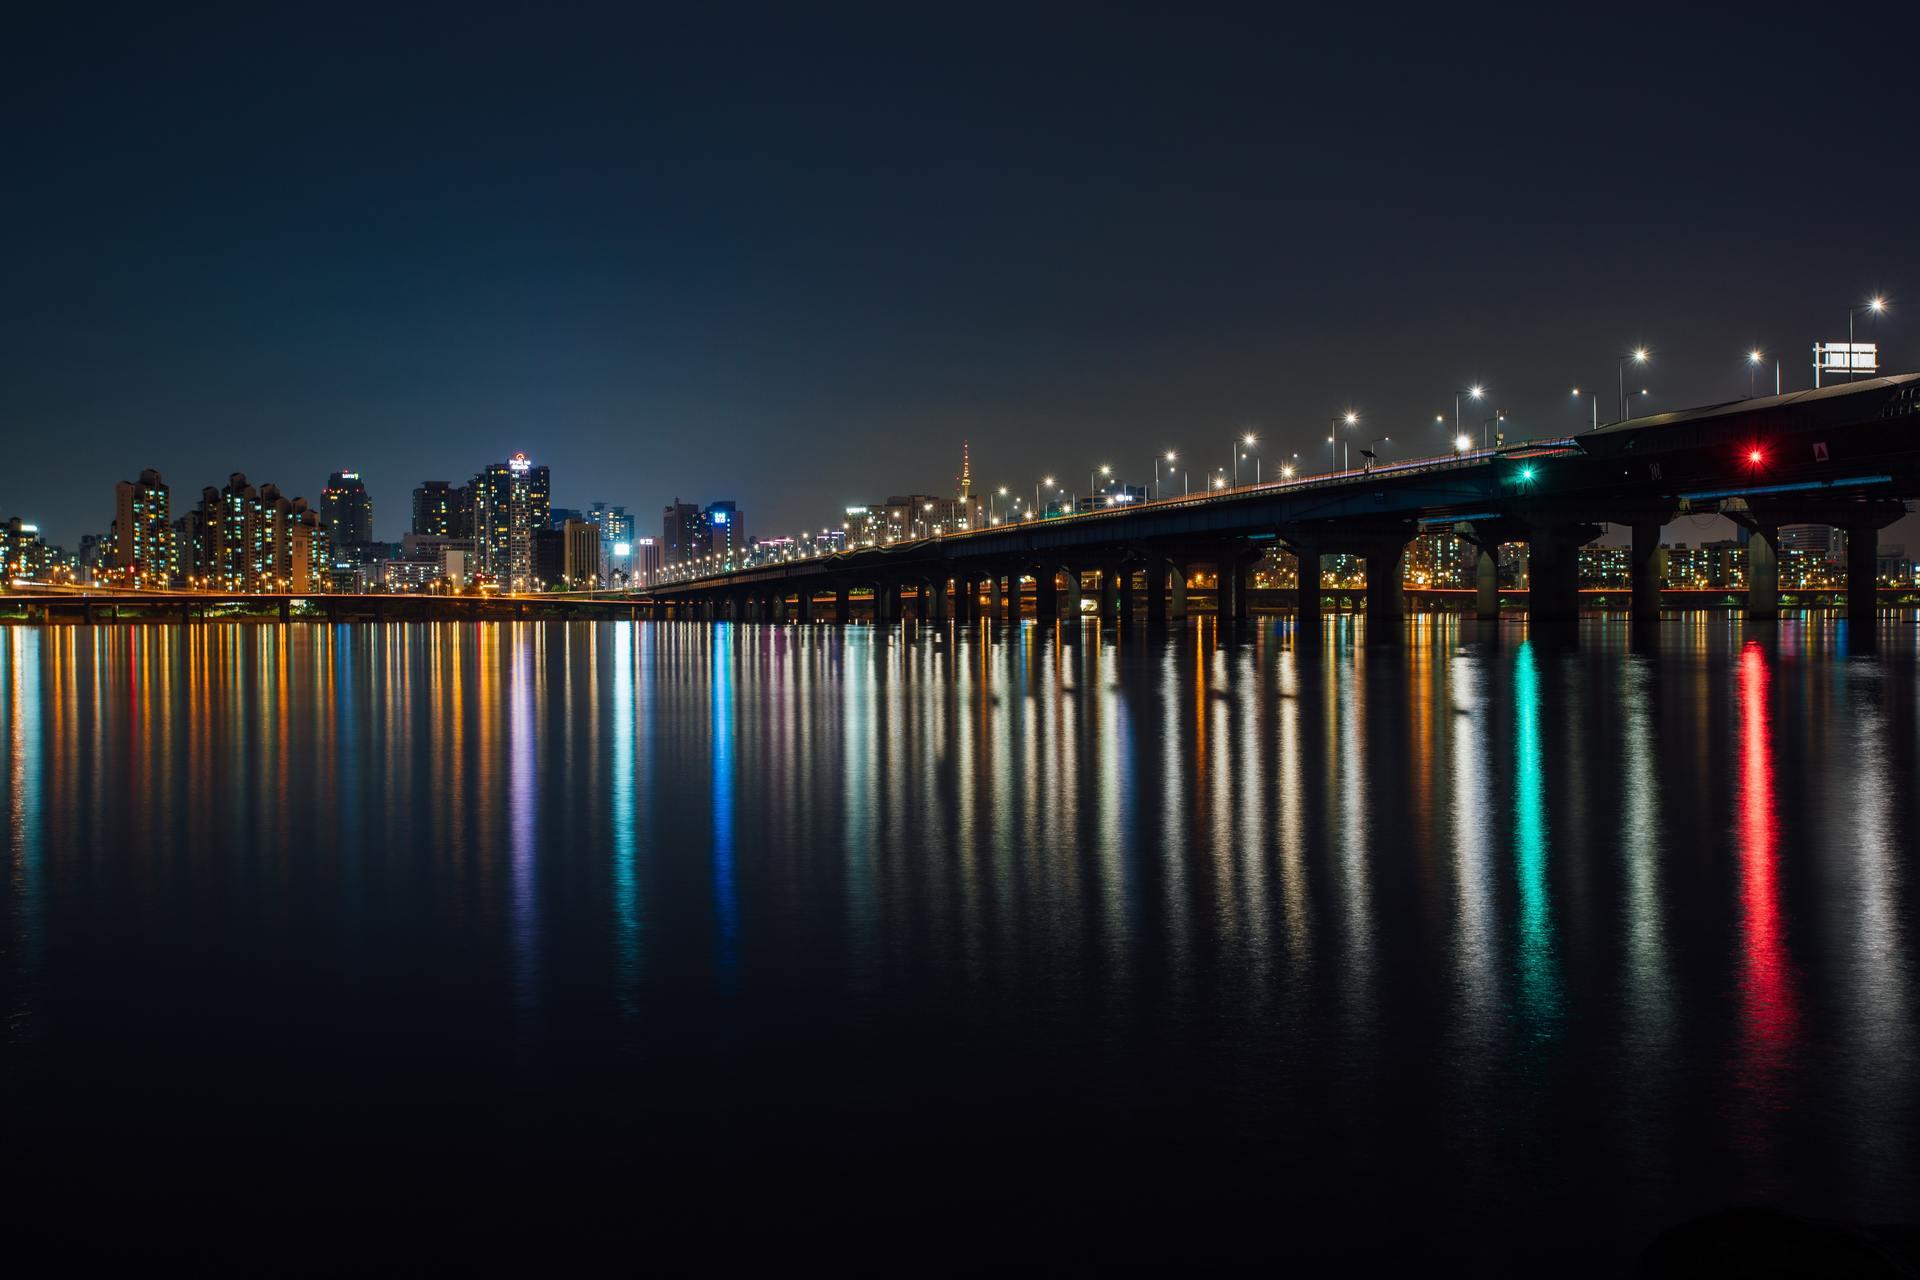 Thành phố và đèn đường